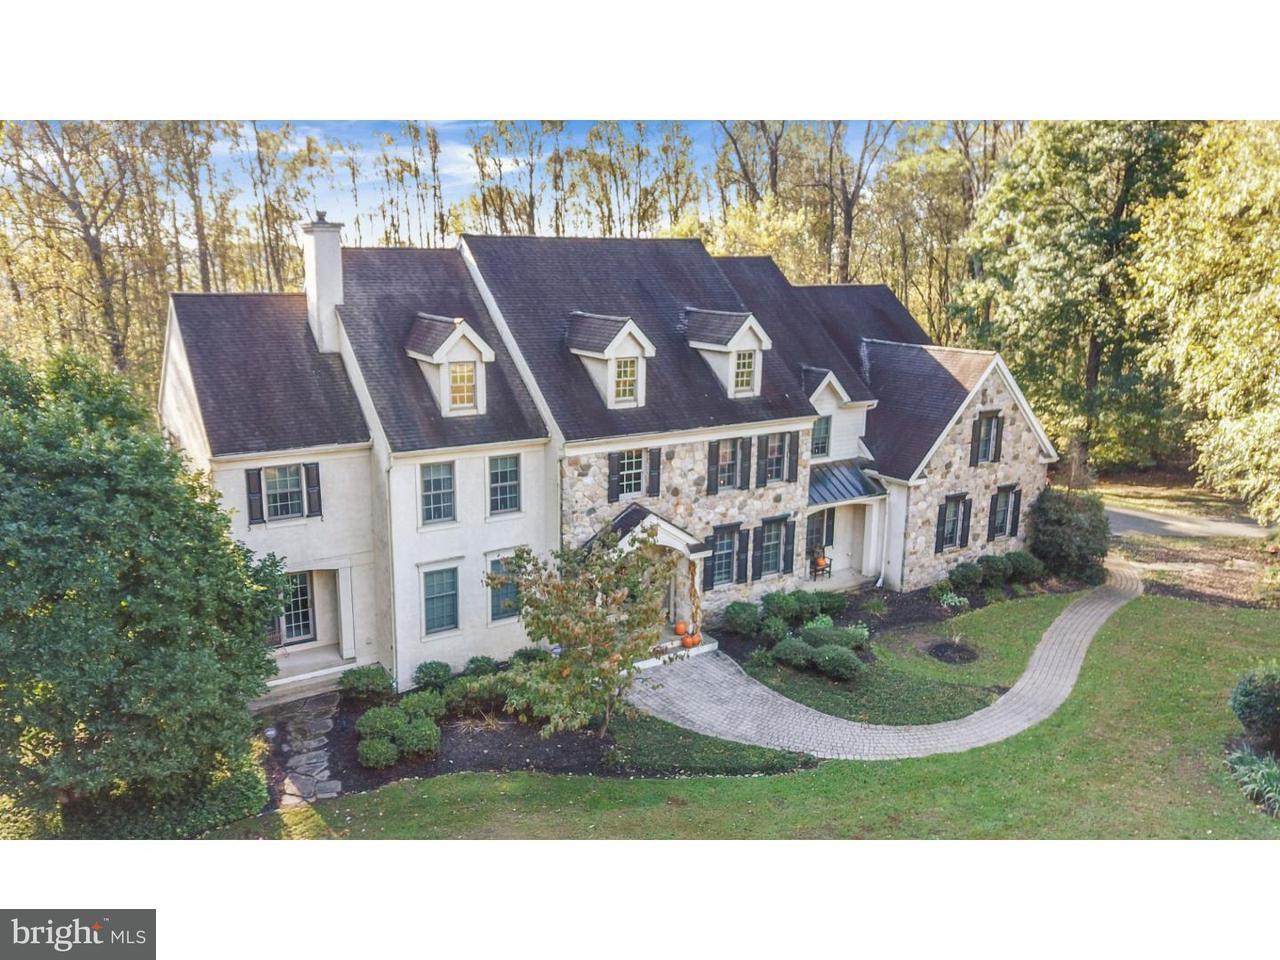 Частный односемейный дом для того Продажа на 108 SHADESTONE WAY Landenberg, Пенсильвания 19350 Соединенные Штаты